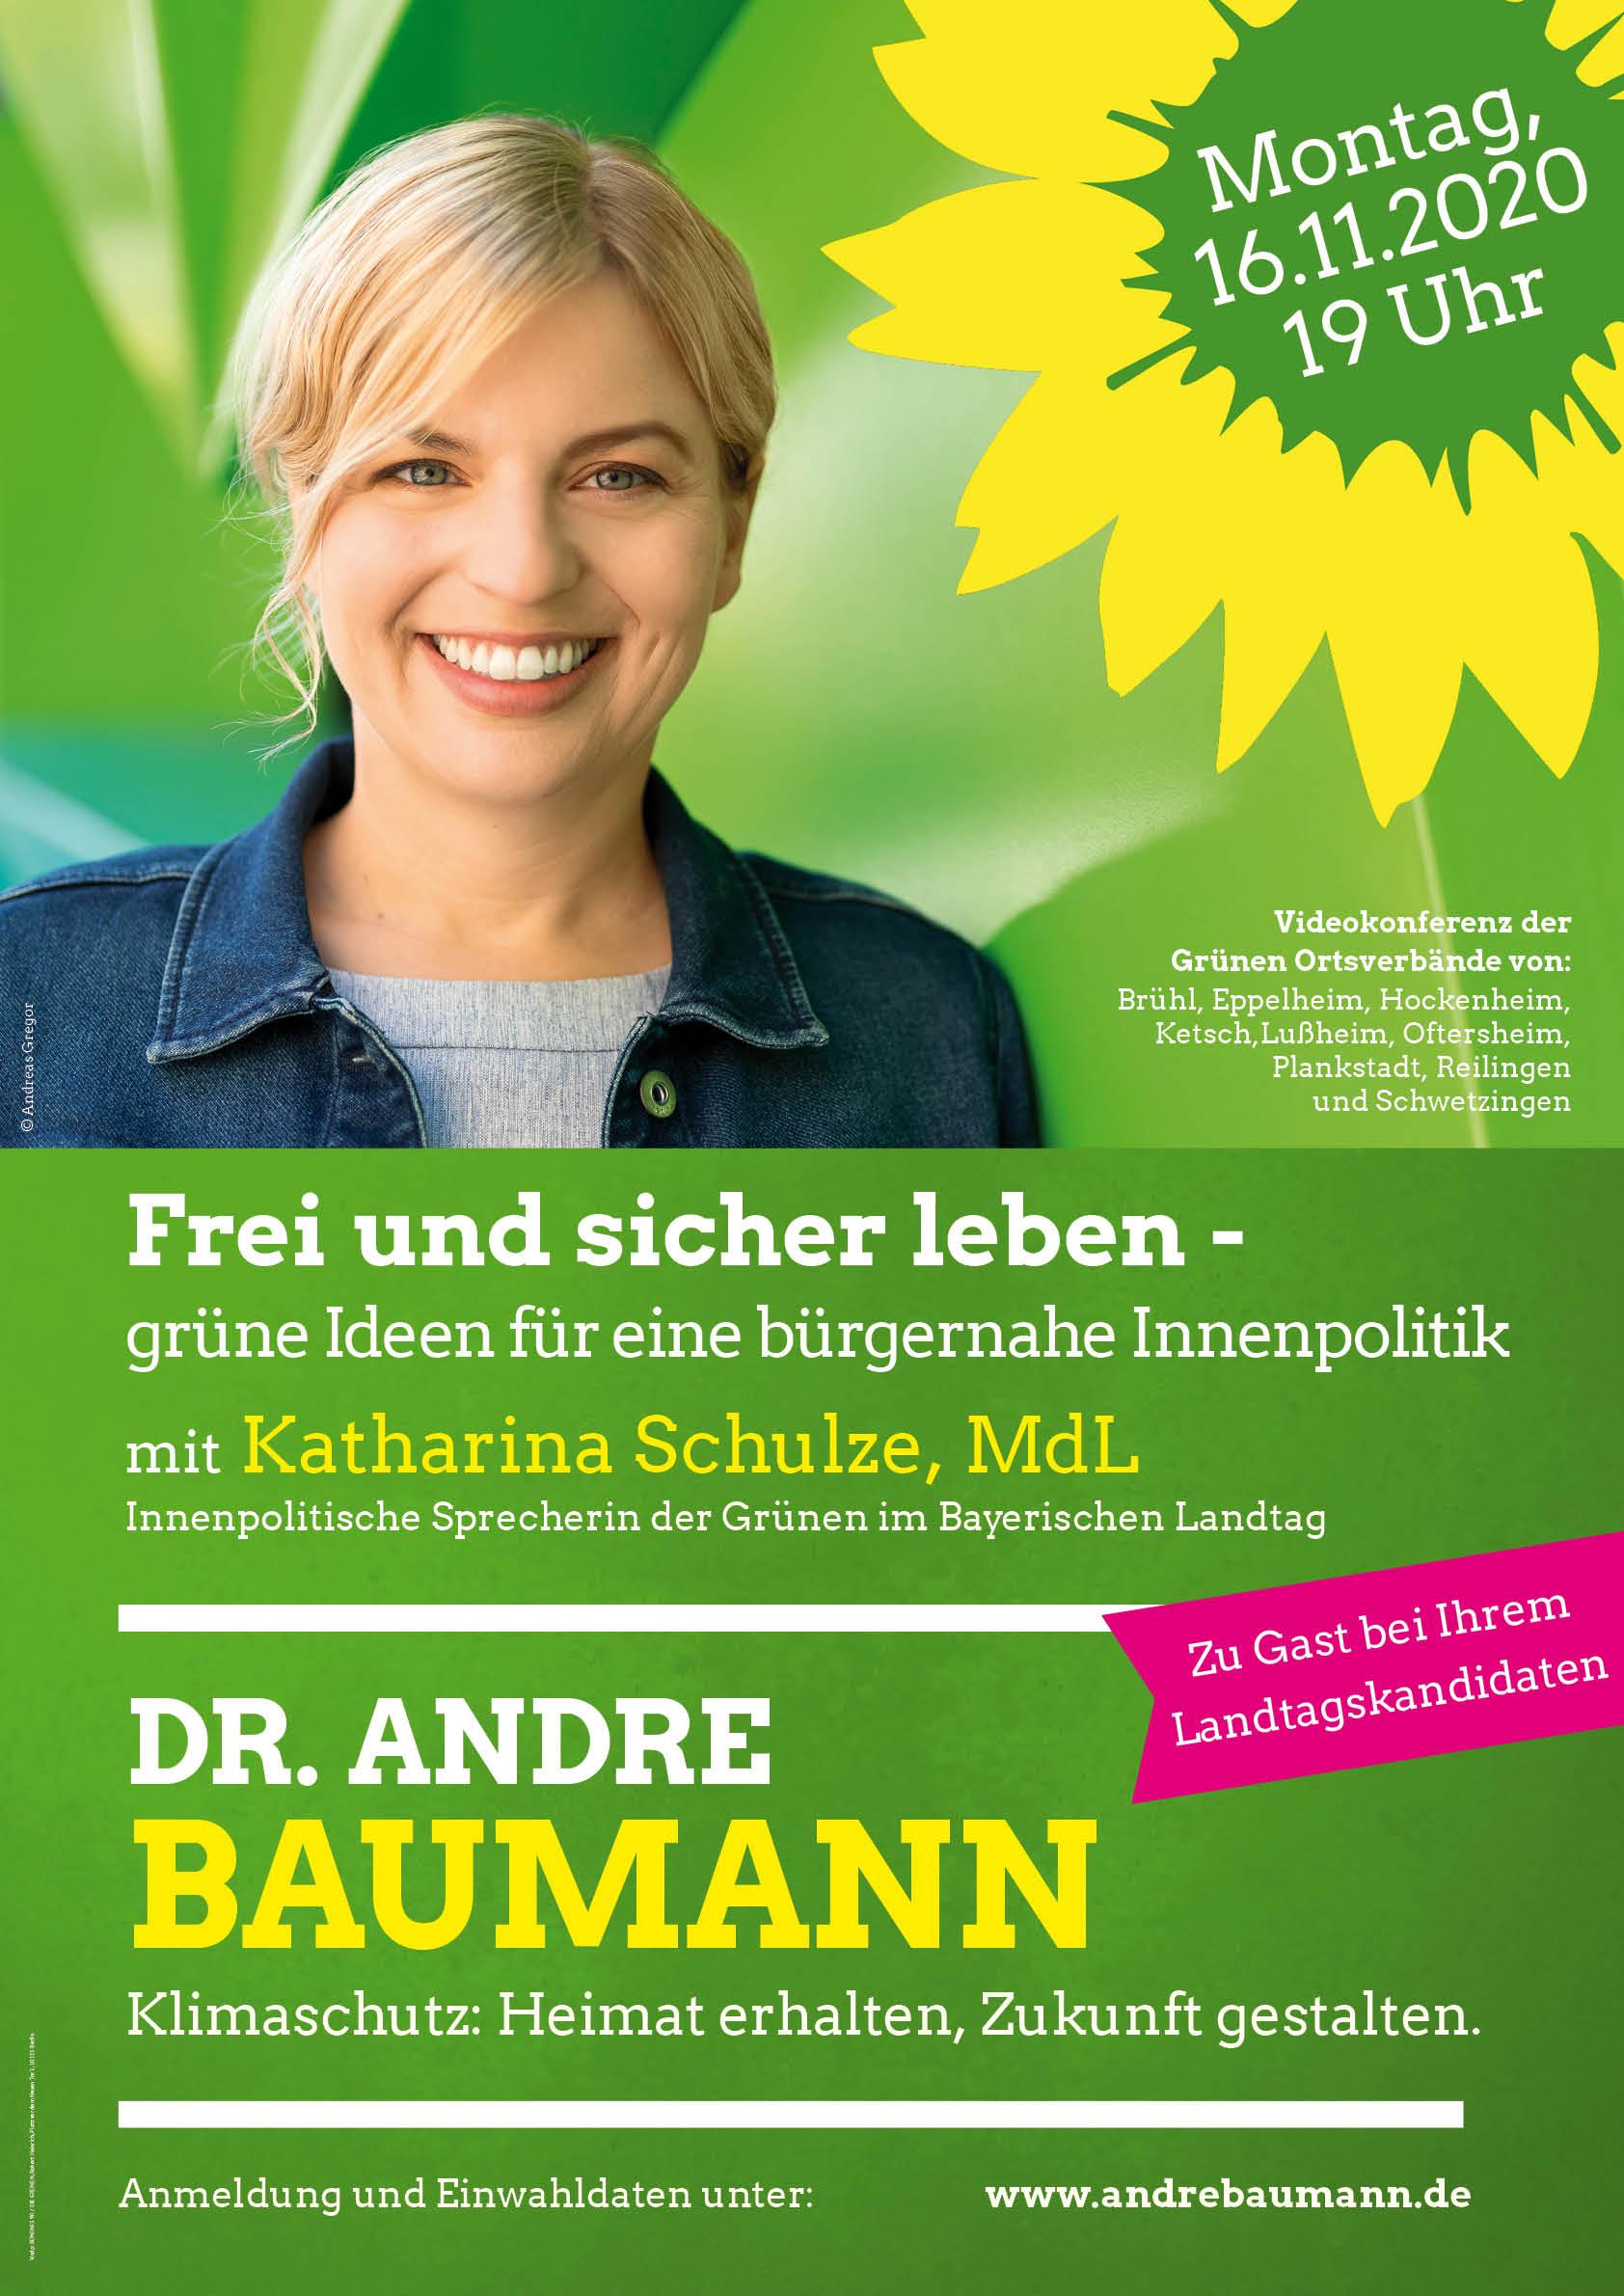 """Montag, 16.11.20 – Video-Konferenz mit Katharina Schulze MdL """"Frei und sicher leben – Grüne Ideen für eine bürgernahe Innenpolitik"""""""